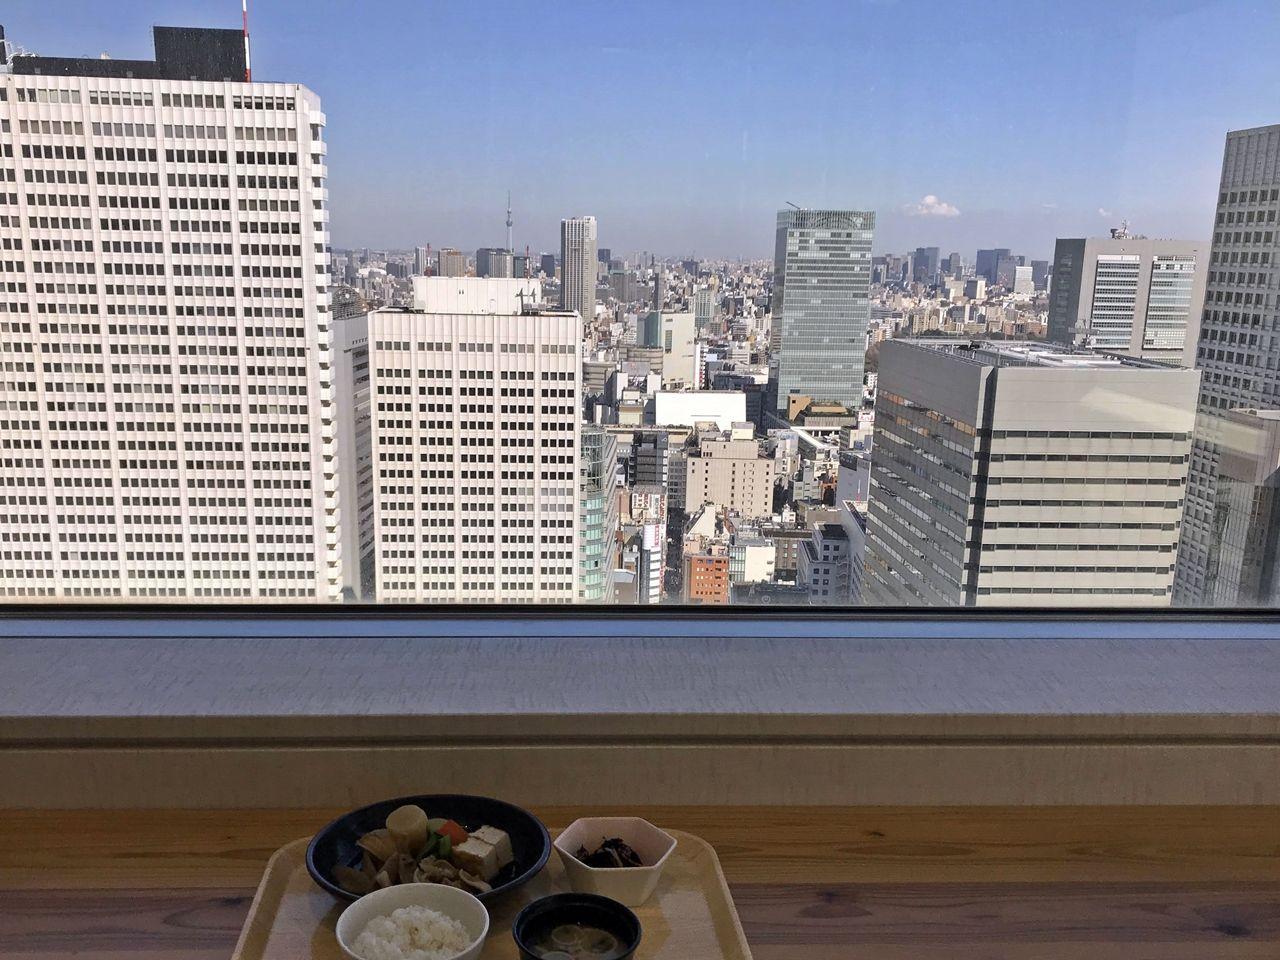 東京都庁の職員食堂で名物ランチと絶景を楽しもう!